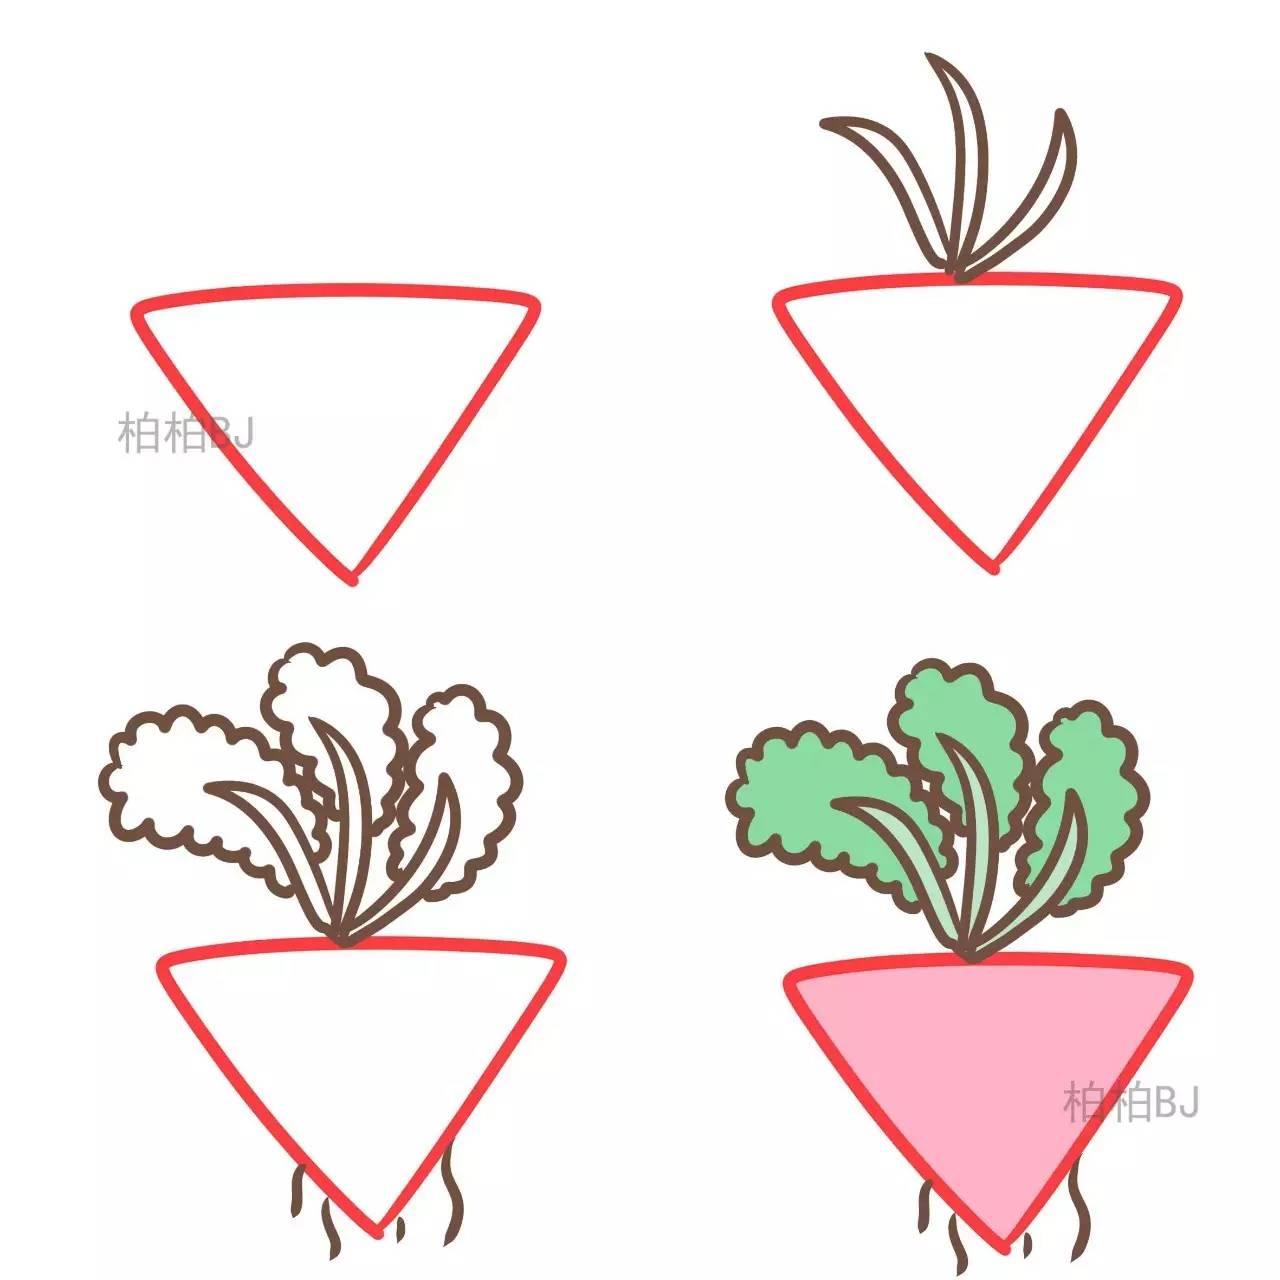 三角形简笔画